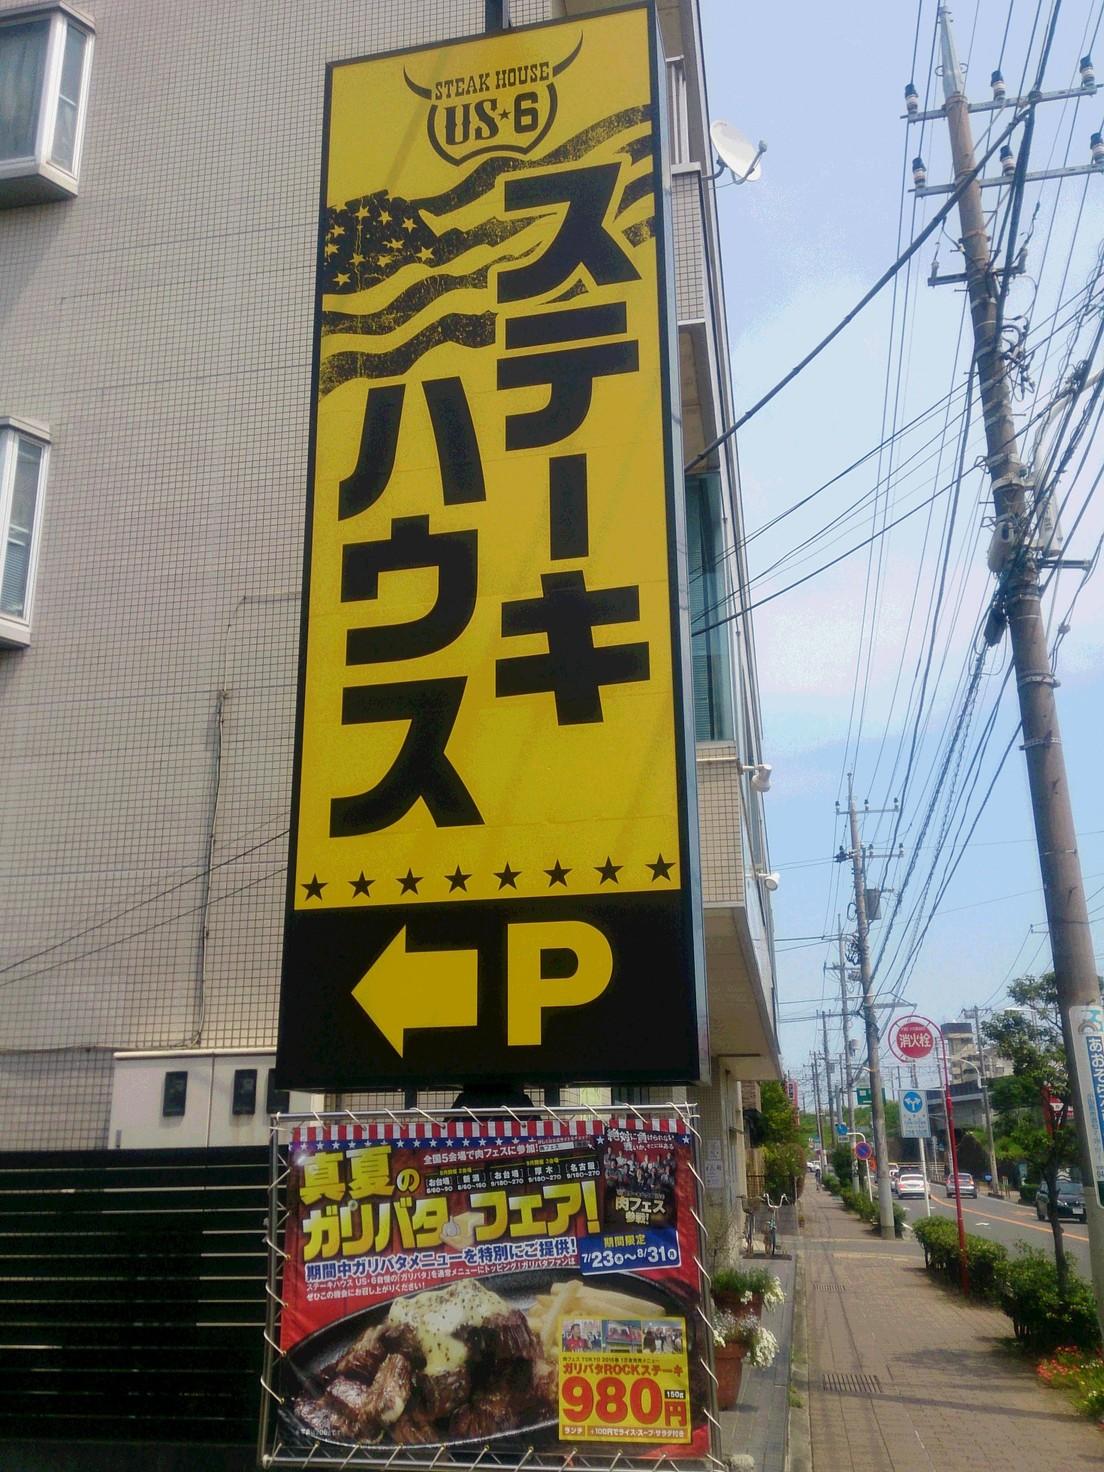 ステーキハウス US・6小田原店